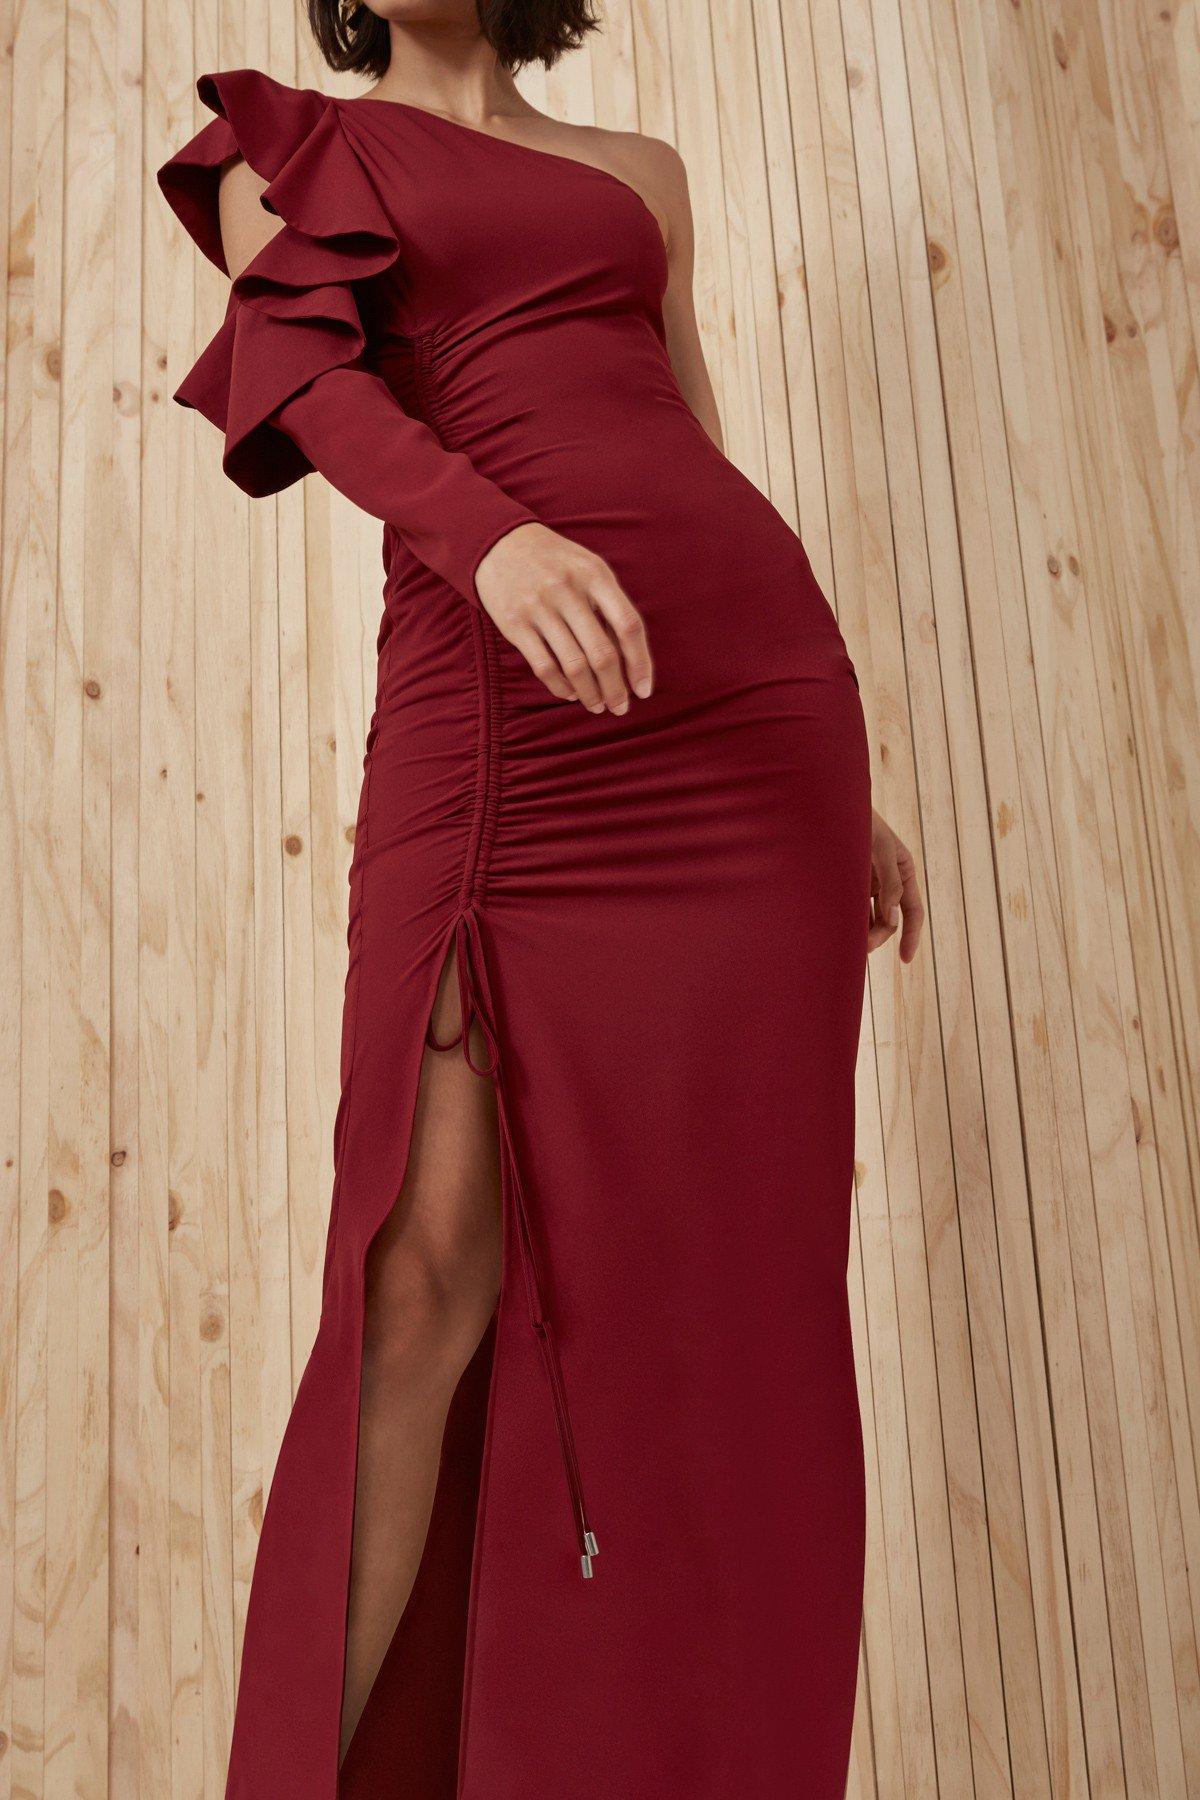 Shop C/MEO White Noise Full Length Dress.